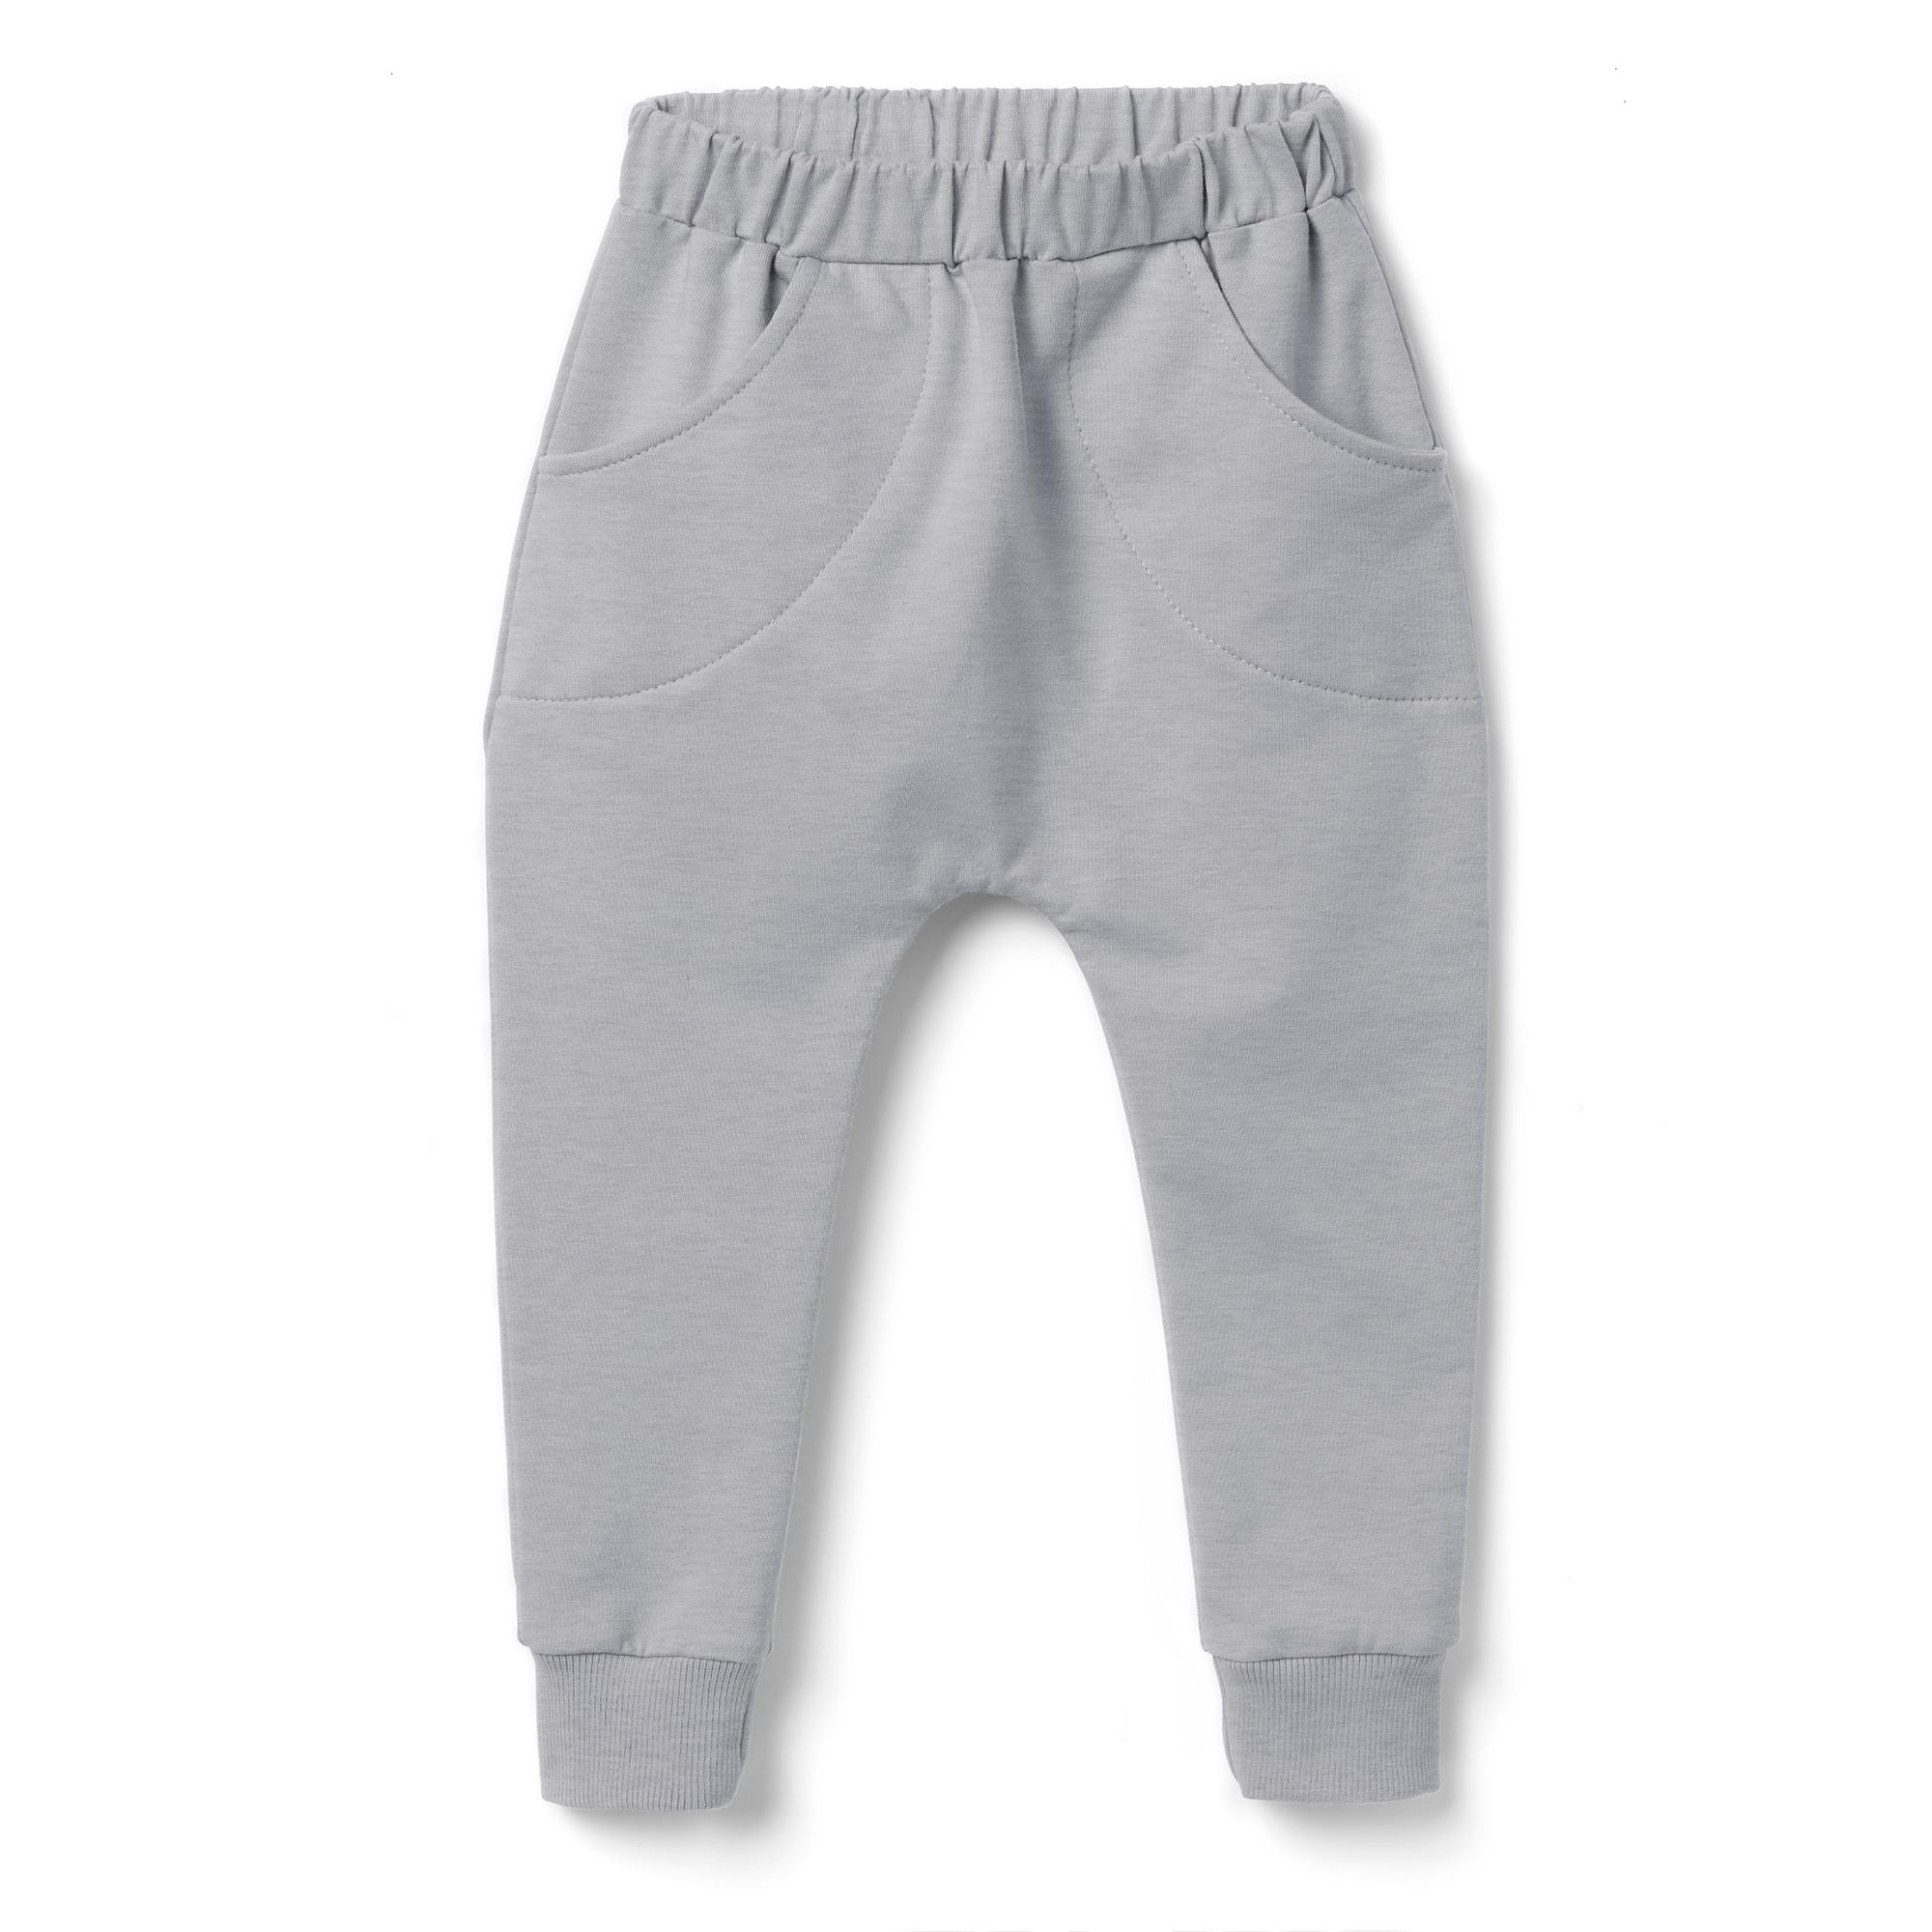 Spodnie dziecięce pumpy-szare - Bubalove